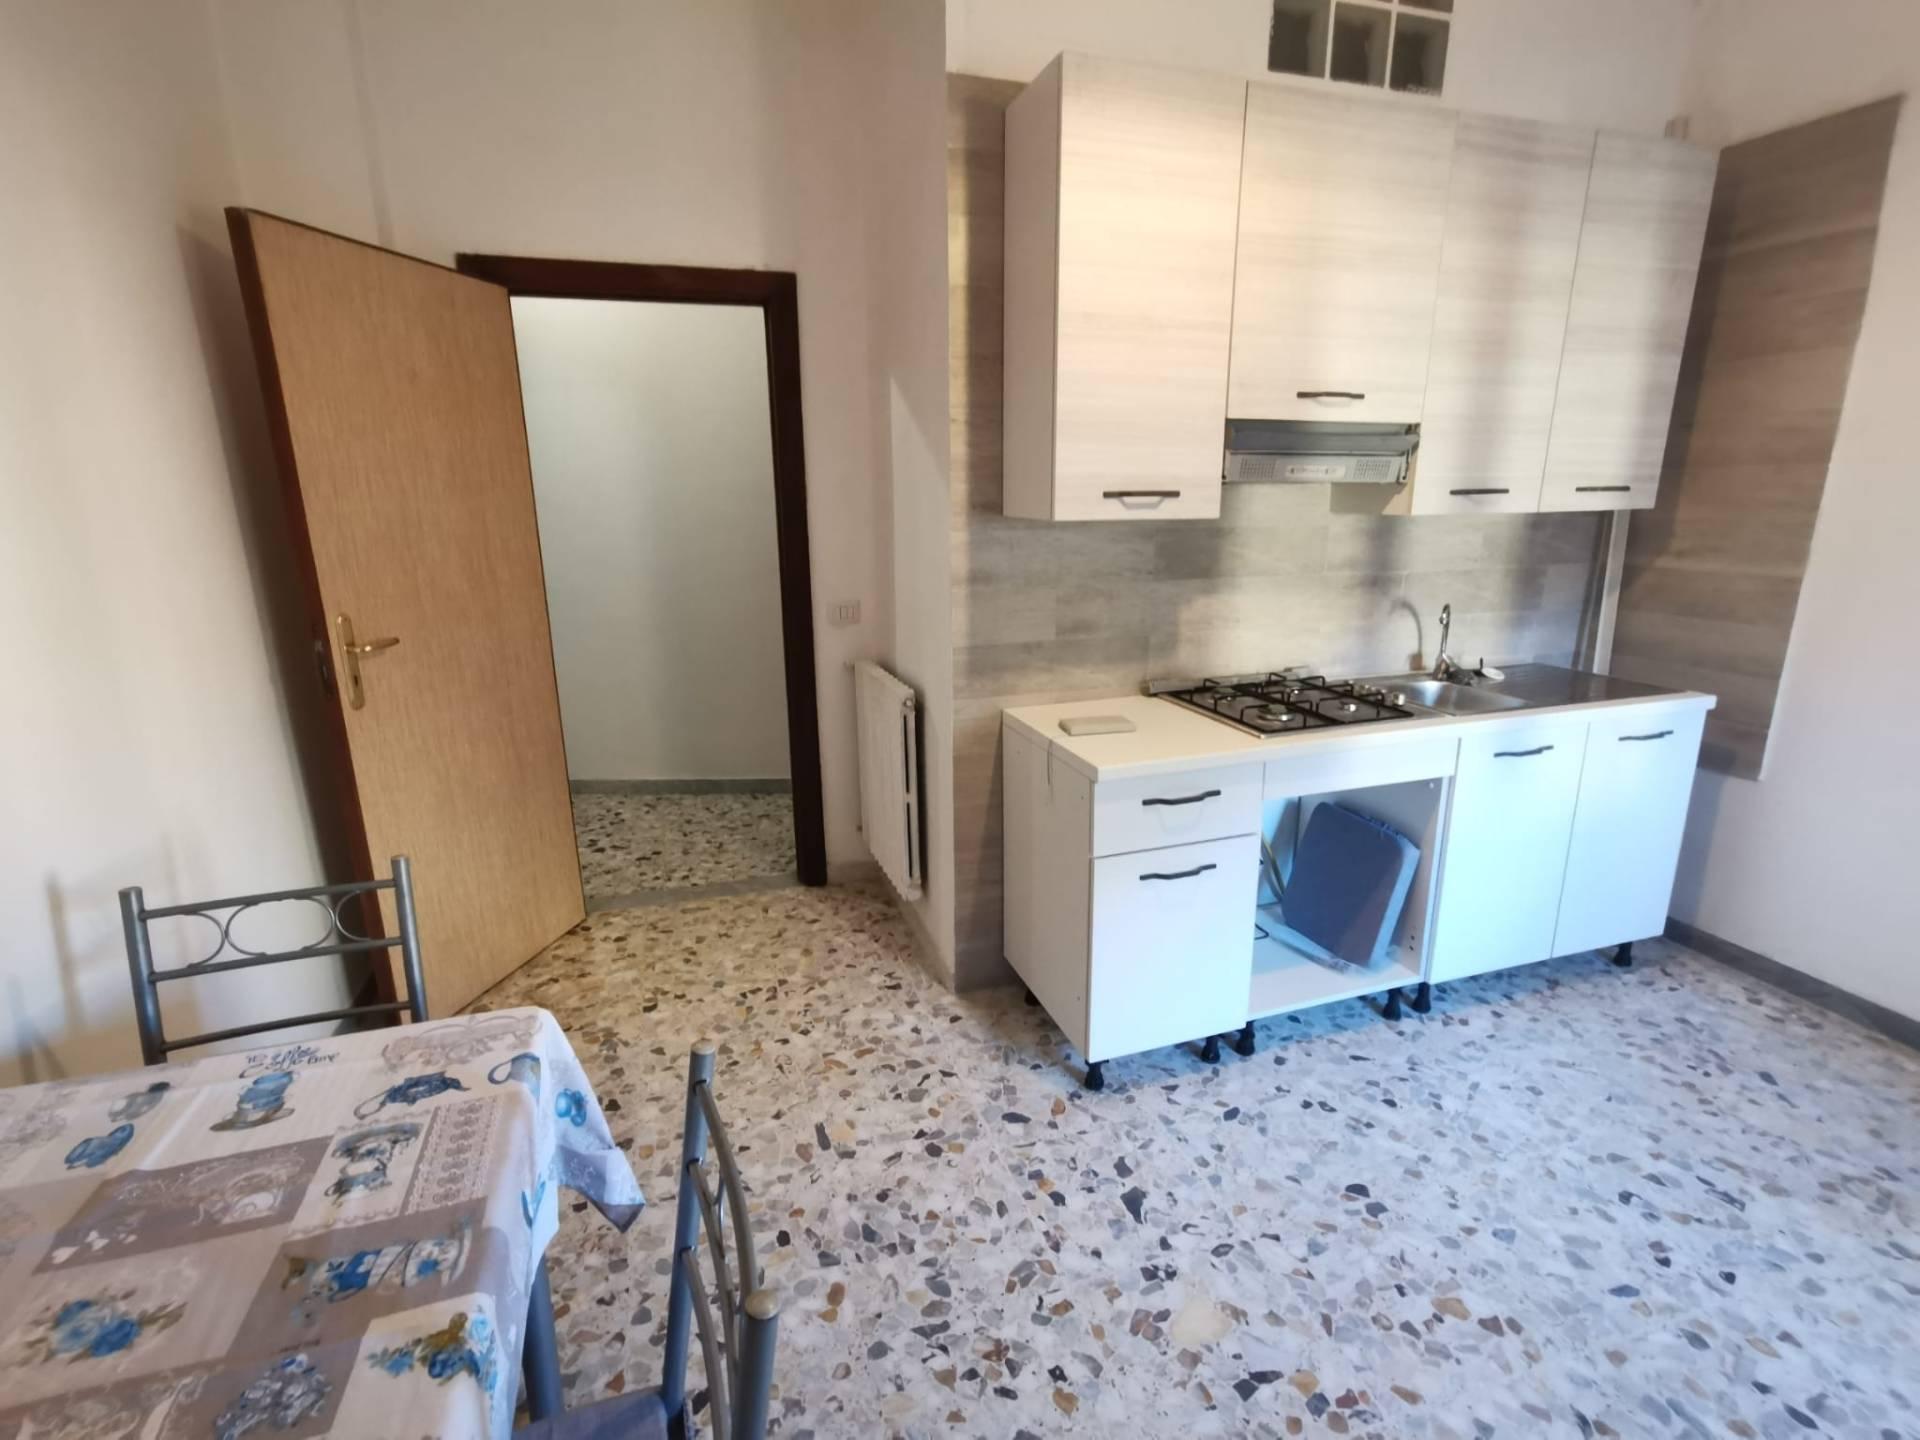 Appartamento in affitto a Benevento, 2 locali, zona Zona: Mellusi/Atlantici, prezzo € 400 | CambioCasa.it